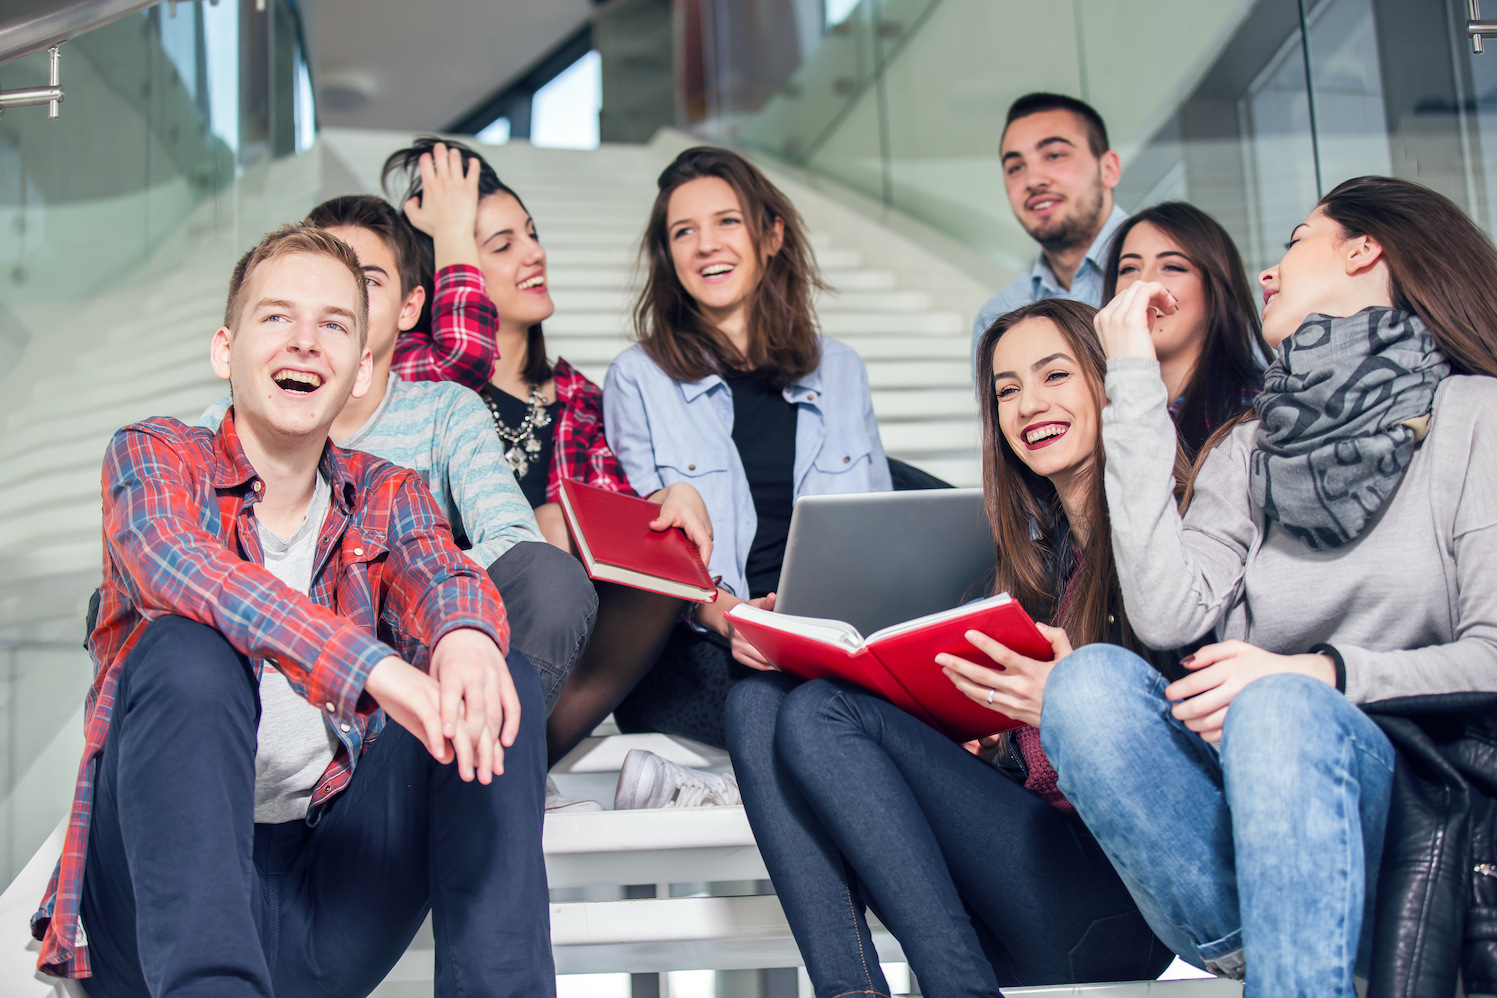 Impuls Educatief - Impuls Educatief is een educatieve uitgeverij die een leerplatform heeft ontwikkeld om talenten en vaardigheden van middelbare scholieren verder te ontwikkelen. Voor hen heb ik het communicatieplan en de daarbij horende communicatiemiddelen ontwikkeld om binnen een korte periode de Impuls leermethode actief in de markt te zetten.